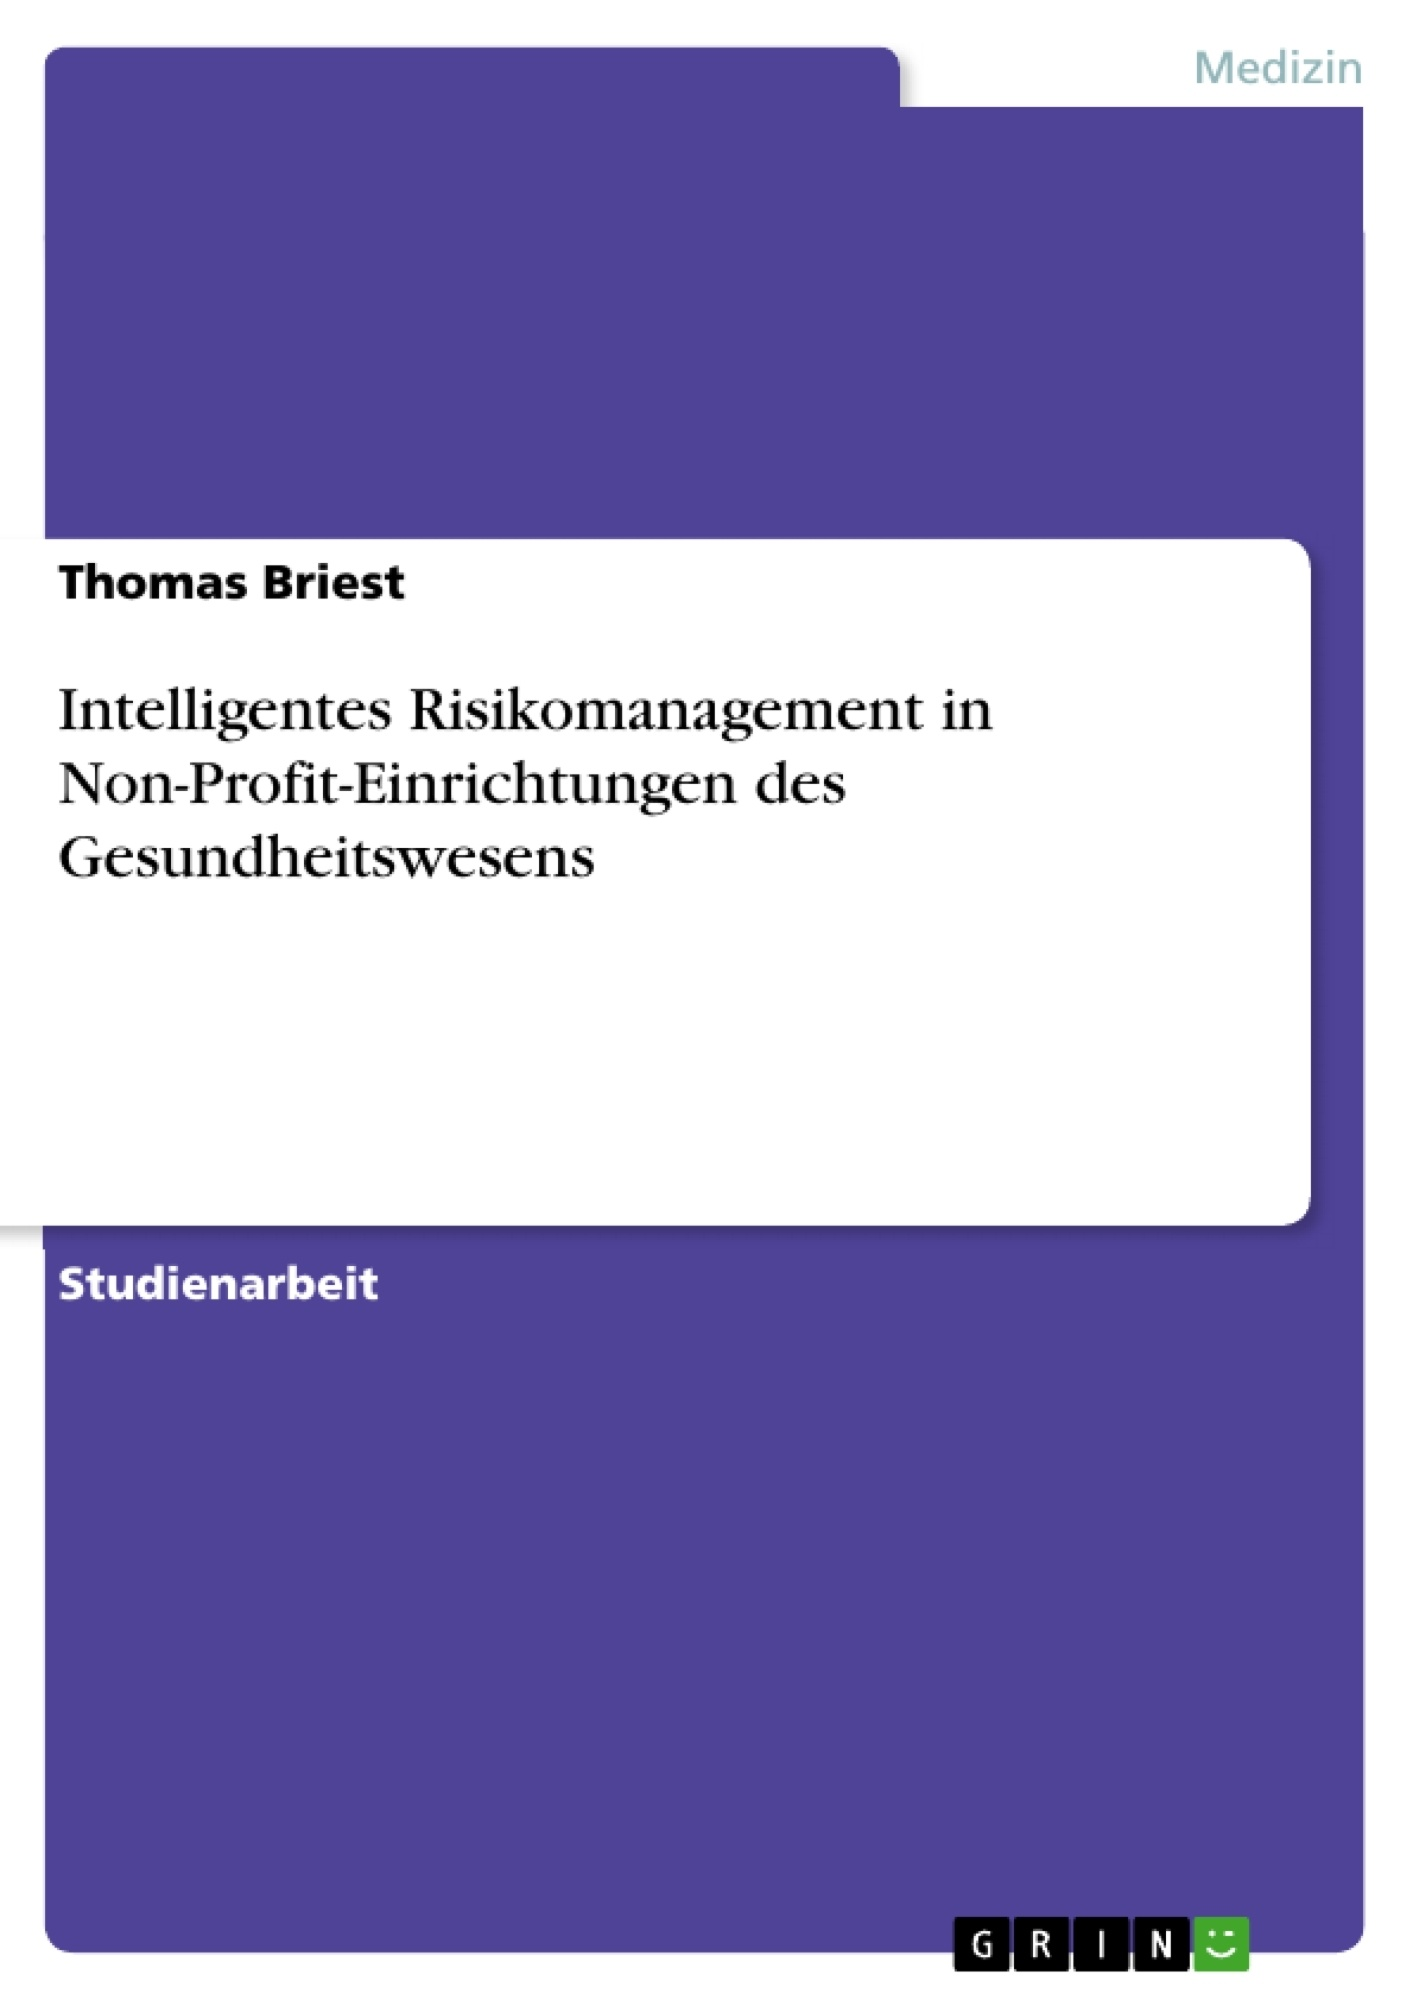 Titel: Intelligentes Risikomanagement in Non-Profit-Einrichtungen des Gesundheitswesens